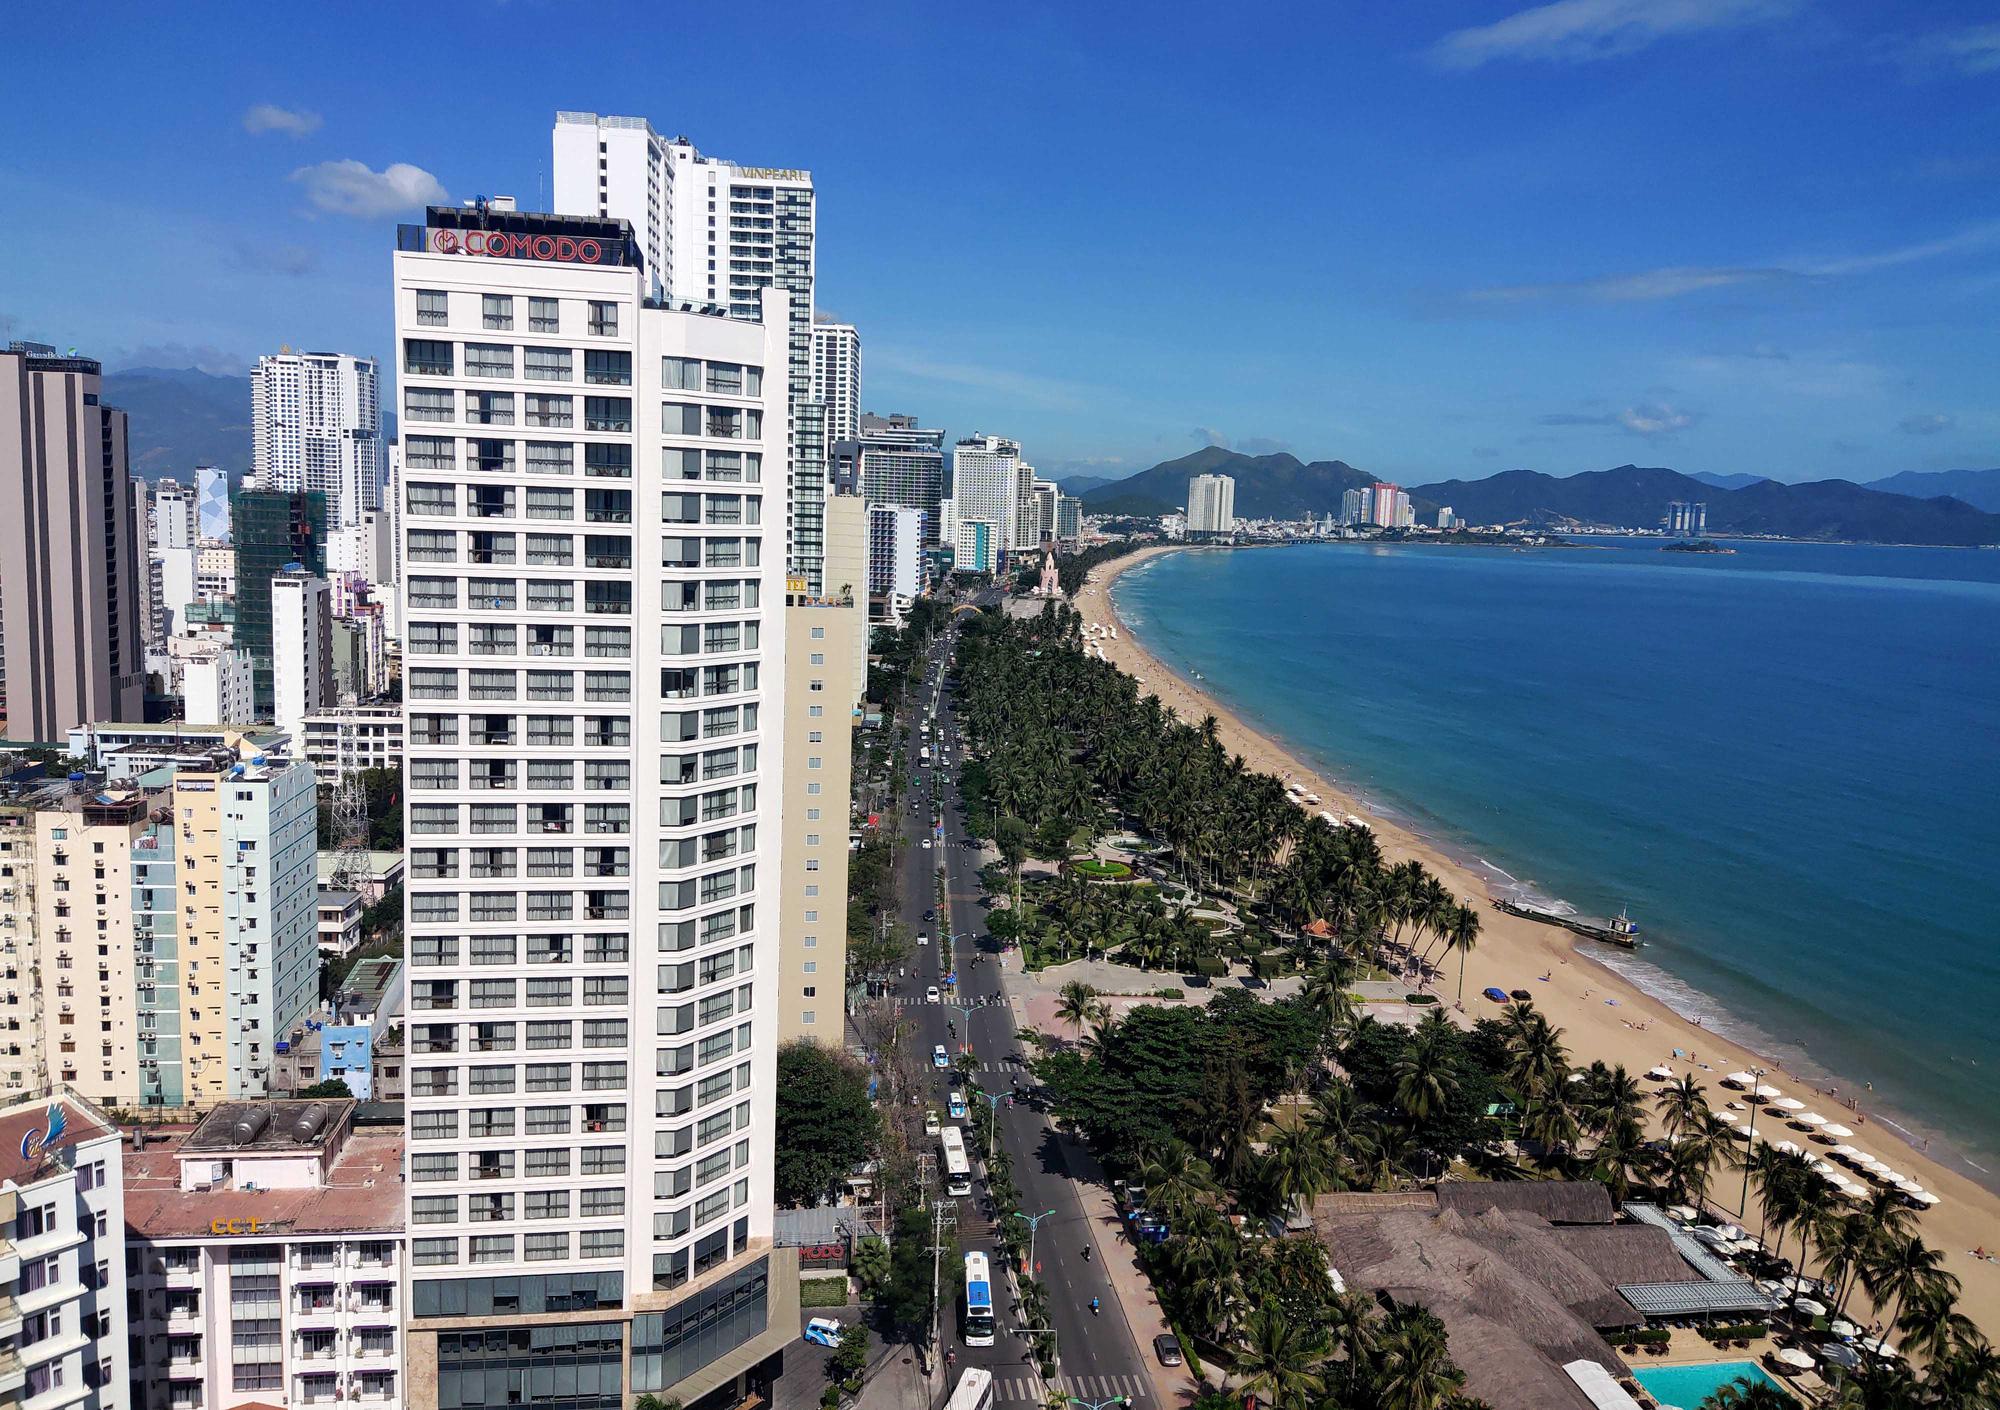 Qui hoạch Khánh Hòa thành vùng kinh tế trọng điểm Miền Trung và Tây Nguyên - Ảnh 1.